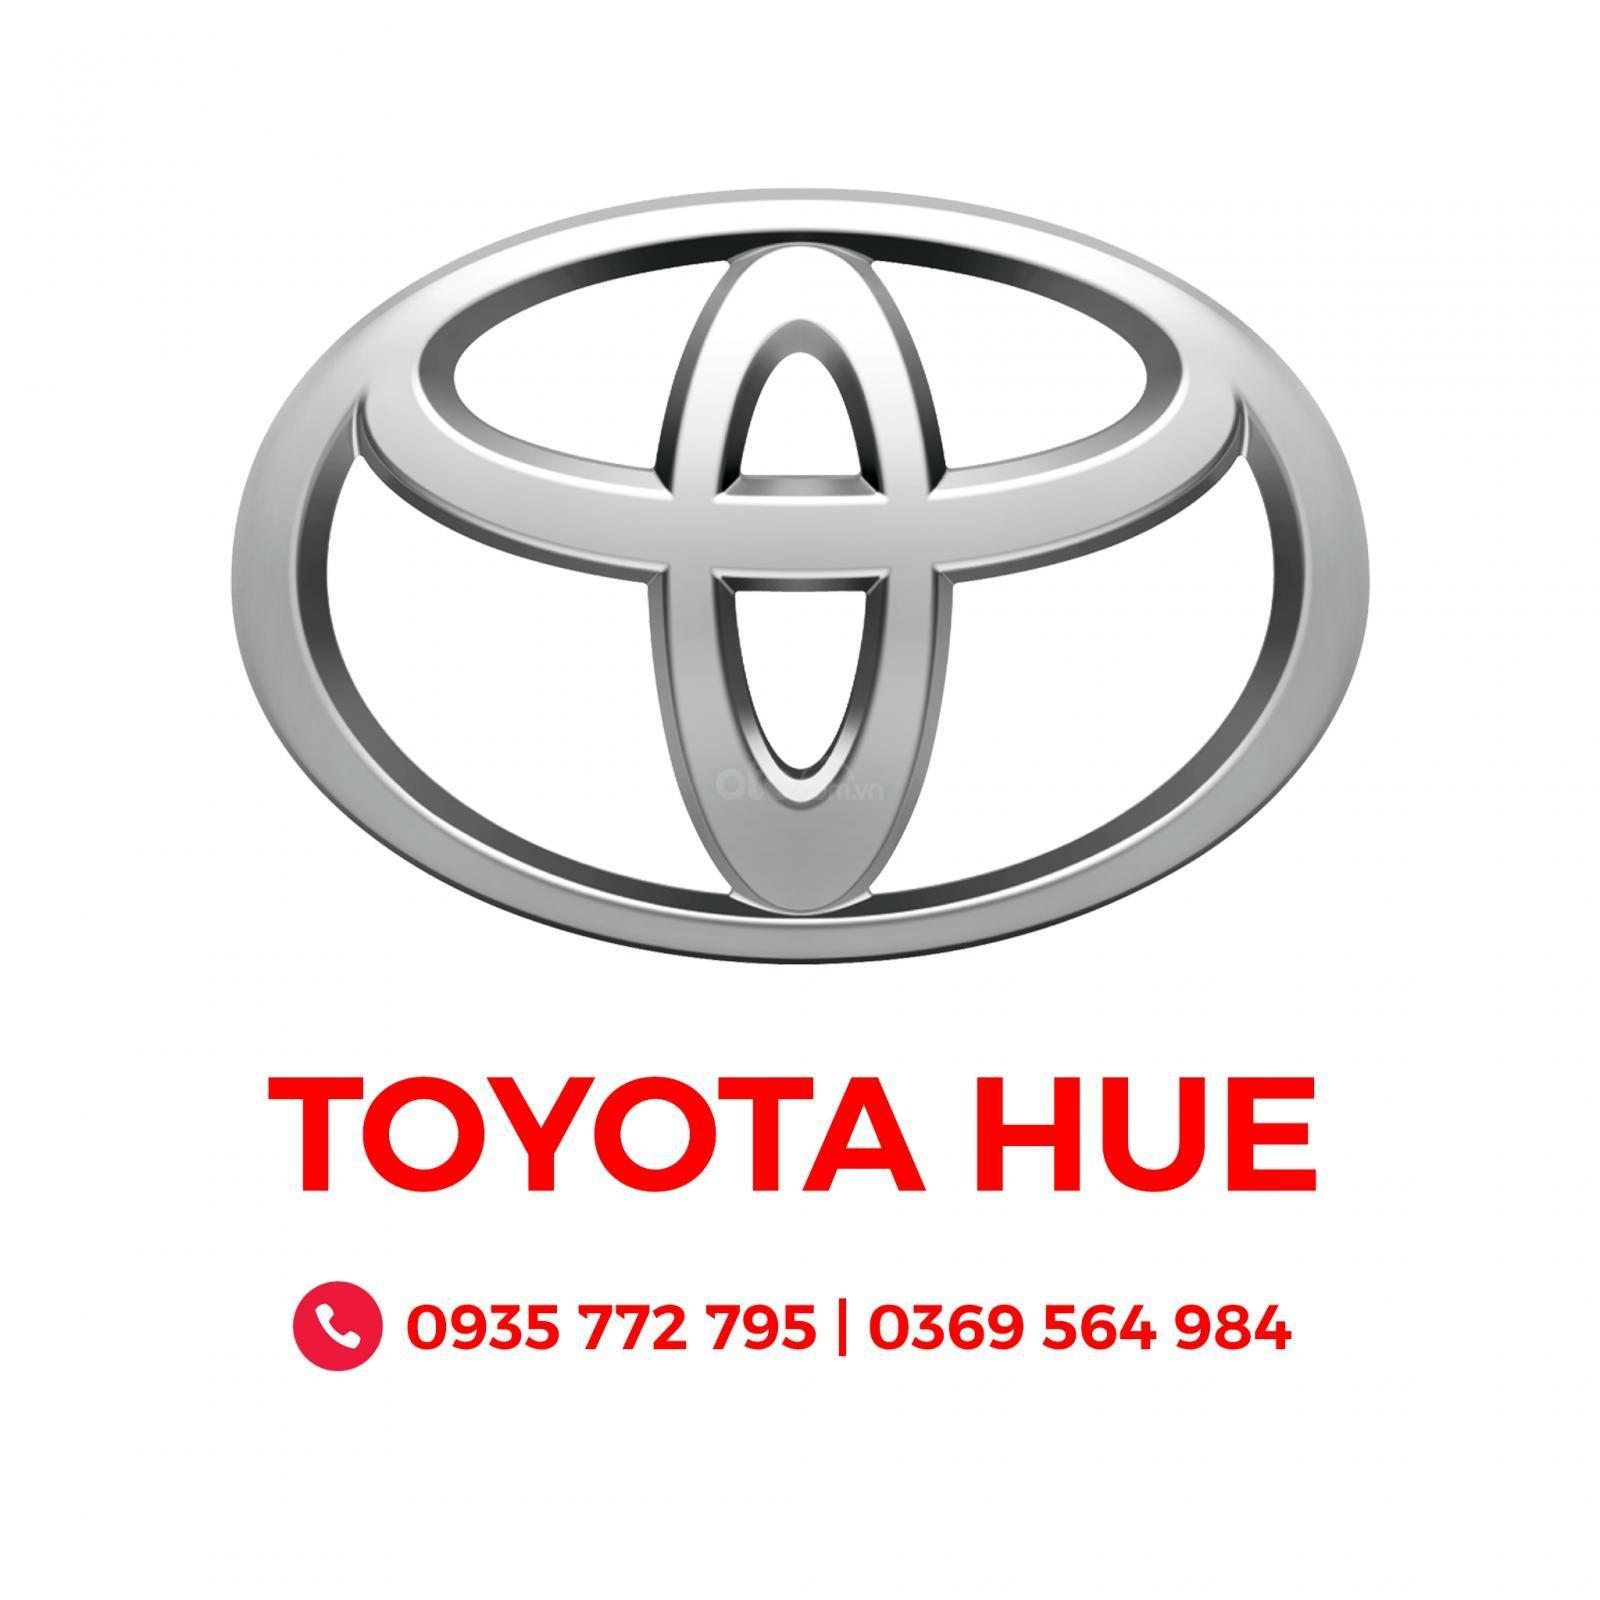 Hàng loạt ưu đãi mừng khai trương đại lý Toyota chính thức tại Huế tháng 10- hotline: 0935 772 795 | 0369 564 984 (5)